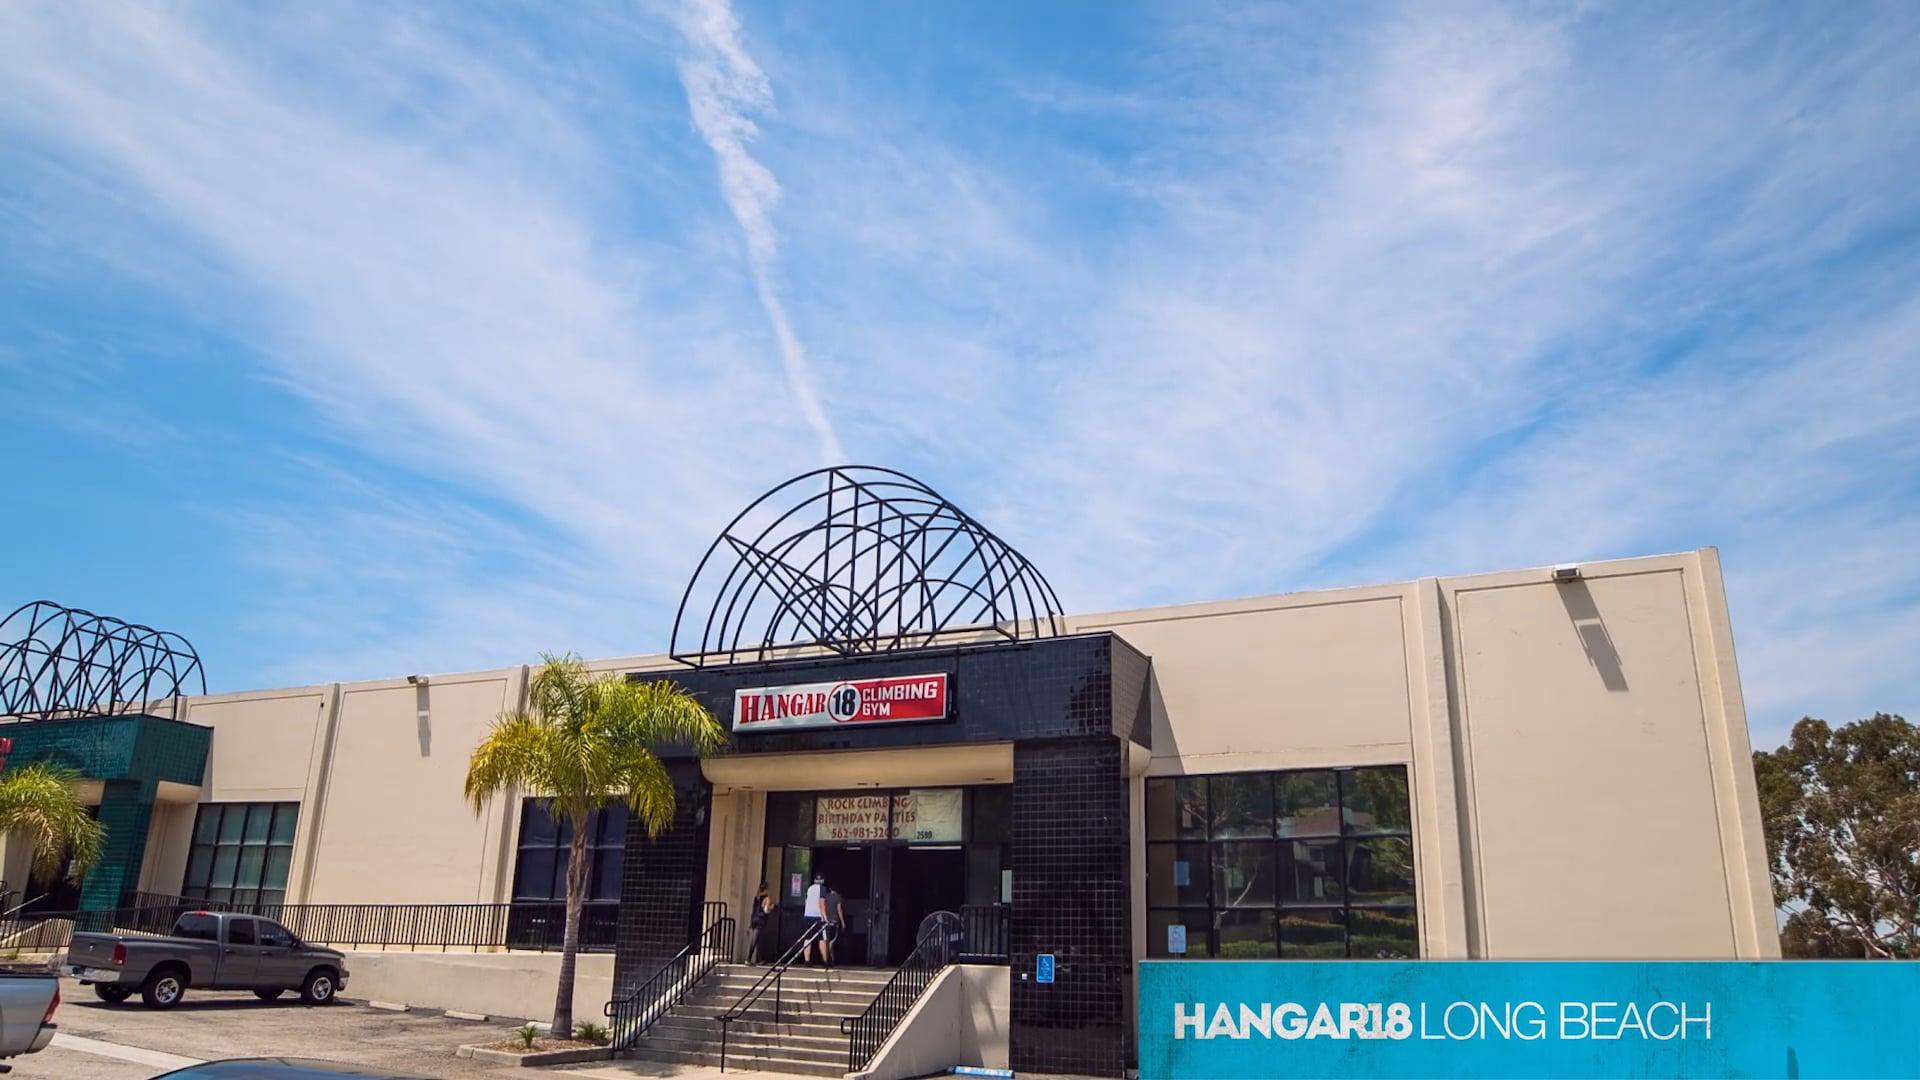 Promo for Hanger 18 Rock Climbing Gym - Long Beach